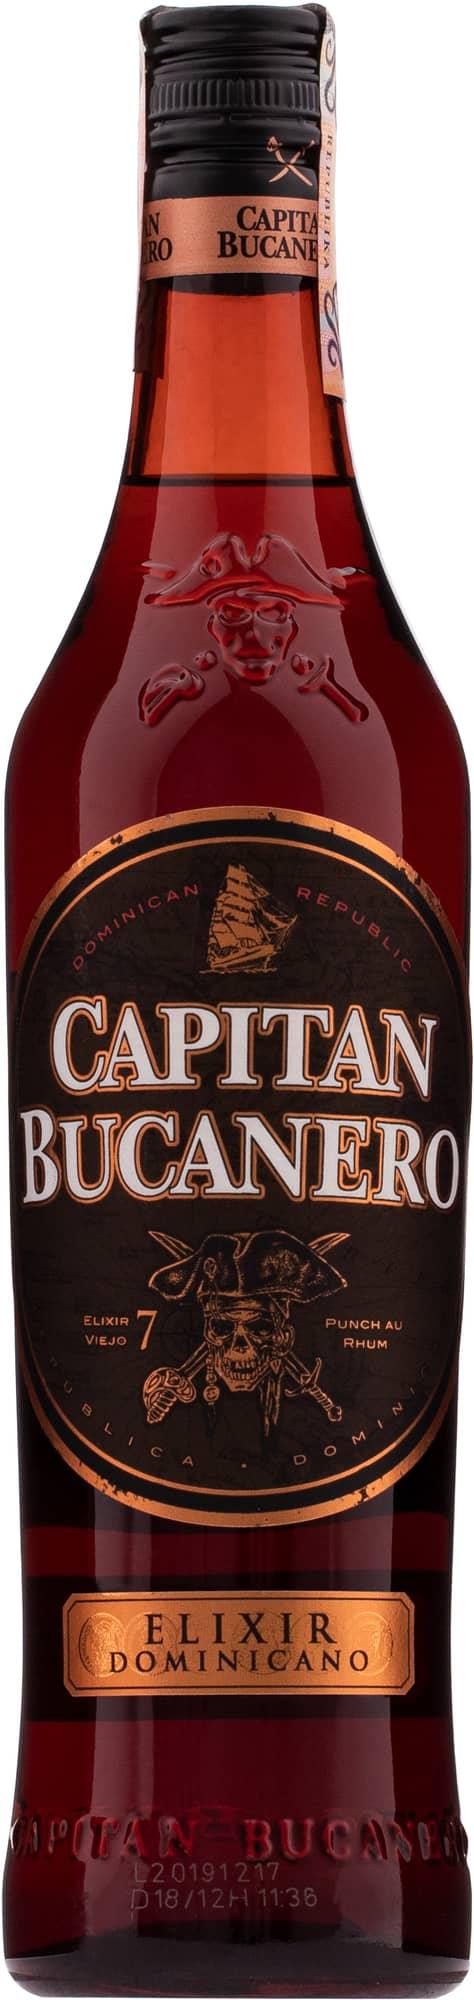 Capitan Bucanero 7y 34% 0,7l